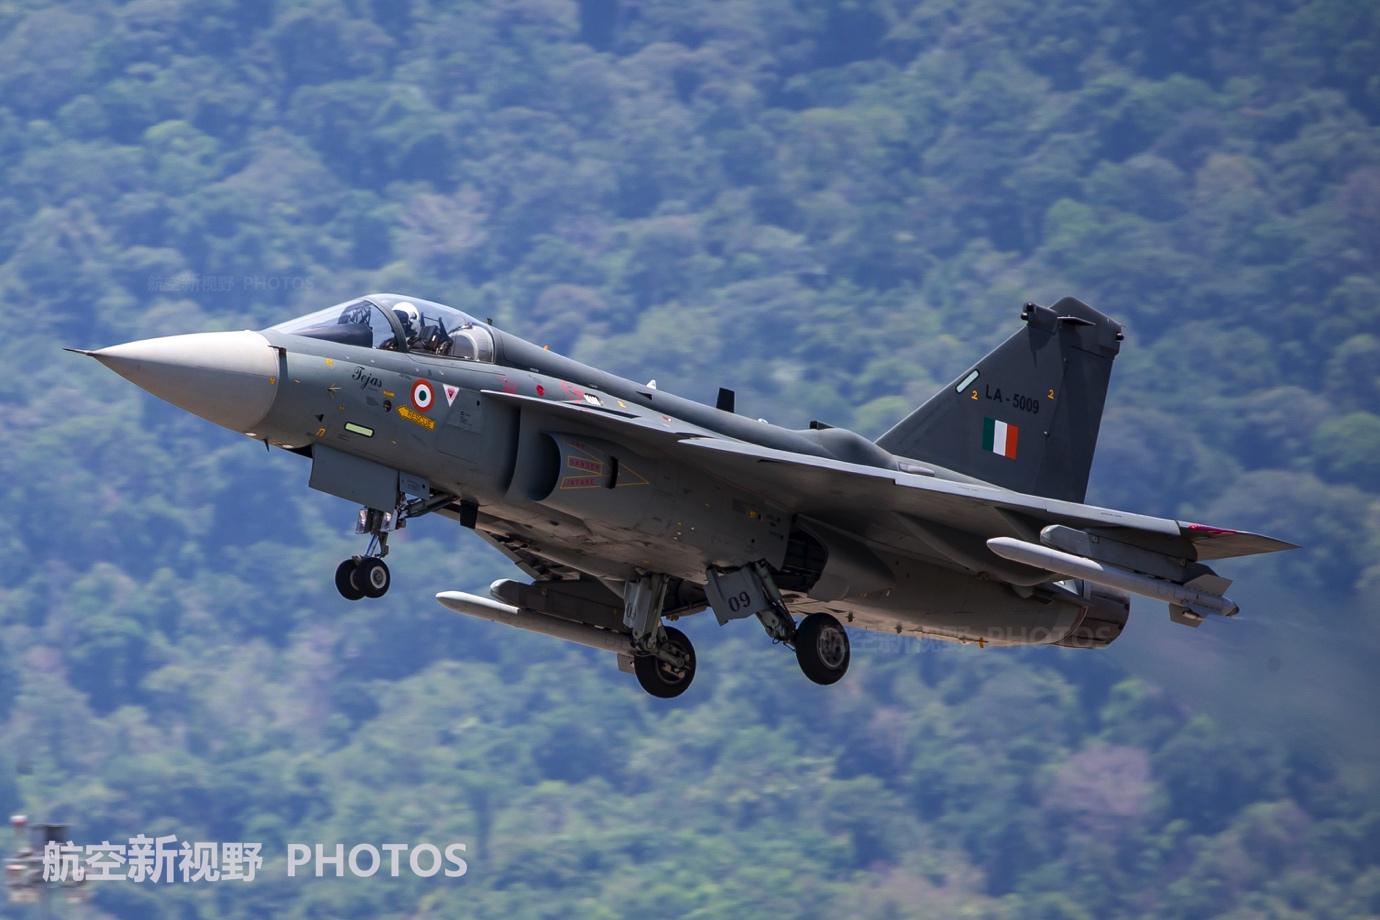 印度有钱有技术,36年已生产32架LCA战机,计划生产324架雄心勃勃